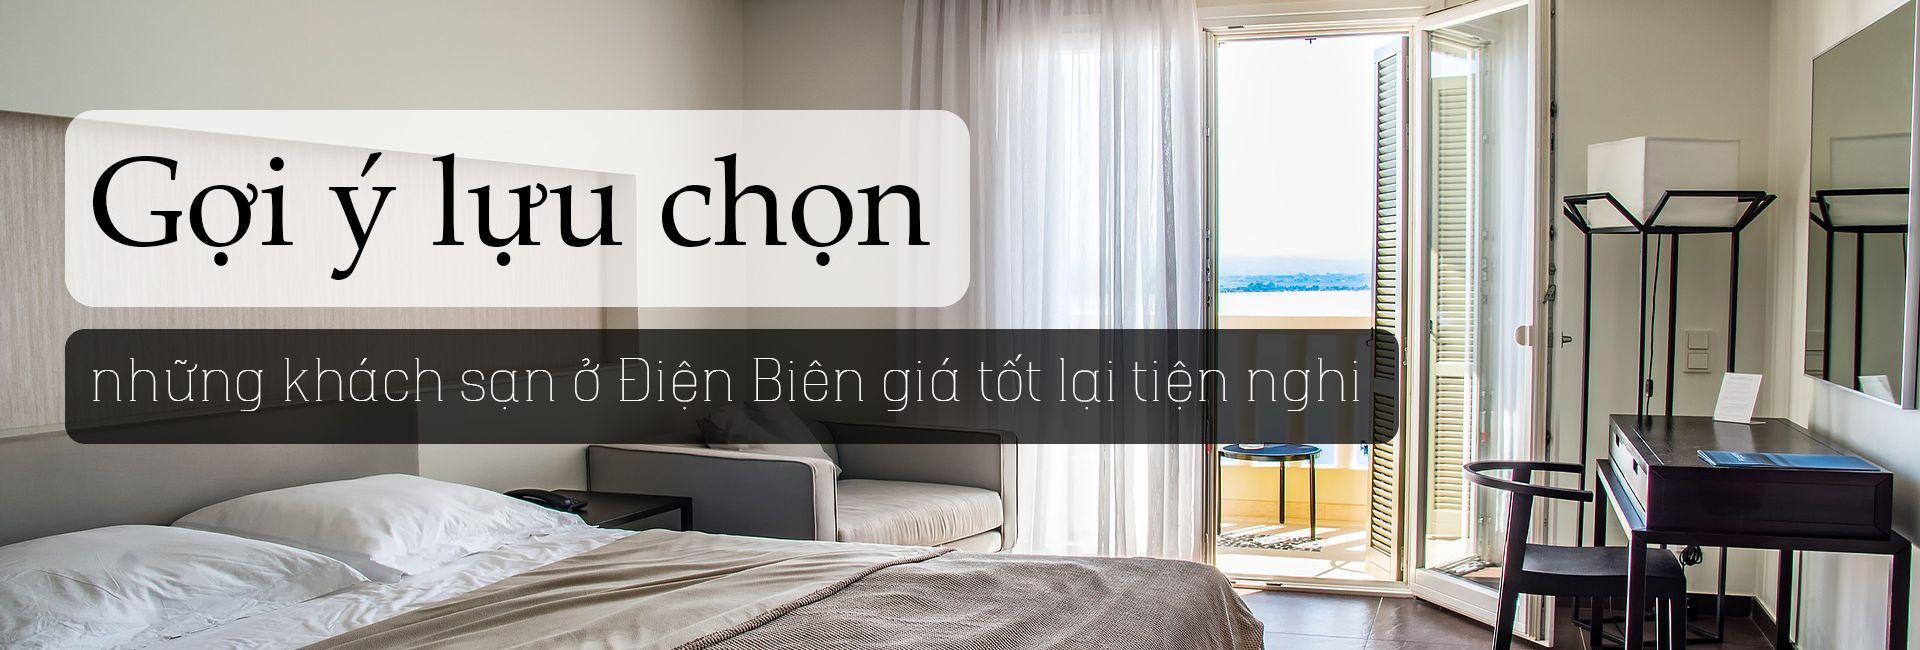 Top 4 khách sạn giá rẻ, chất lượng ở Điện Biên